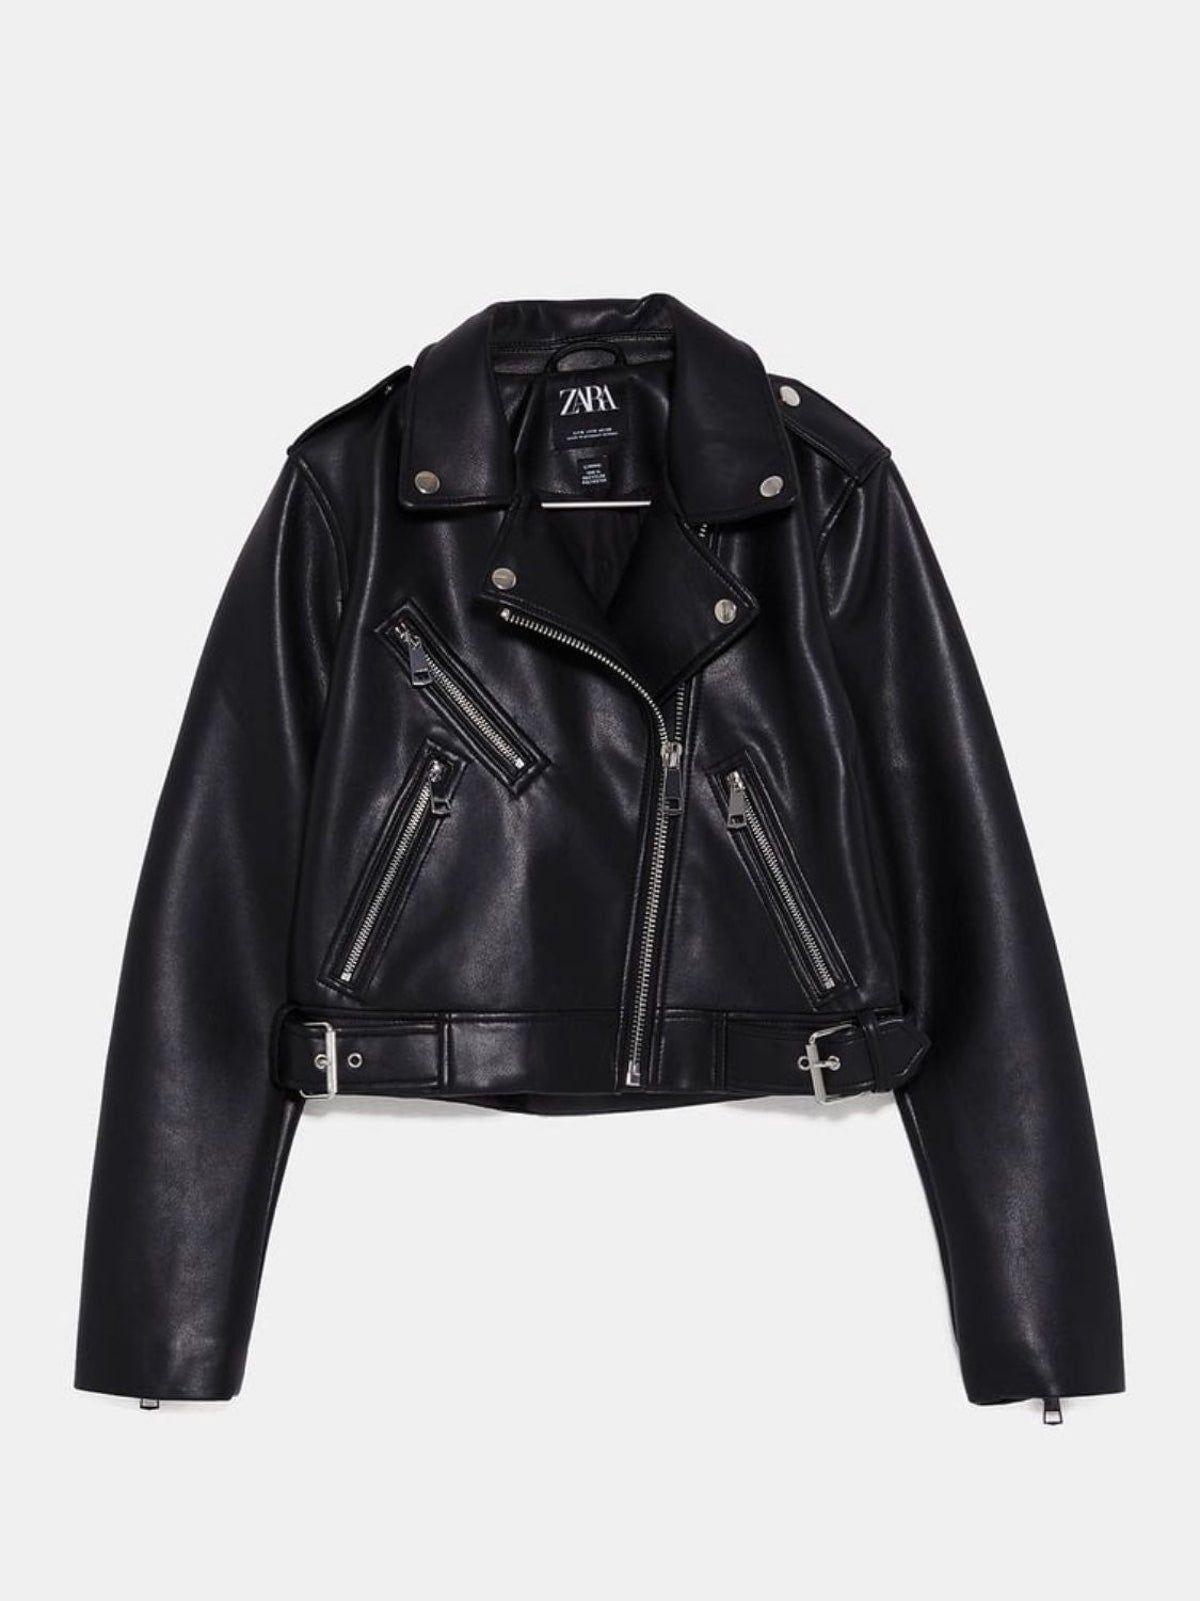 Zara Faux Leather Jacket In 2021 Leather Jackets Women Faux Leather Jacket Women Faux Leather Jackets [ 1601 x 1200 Pixel ]